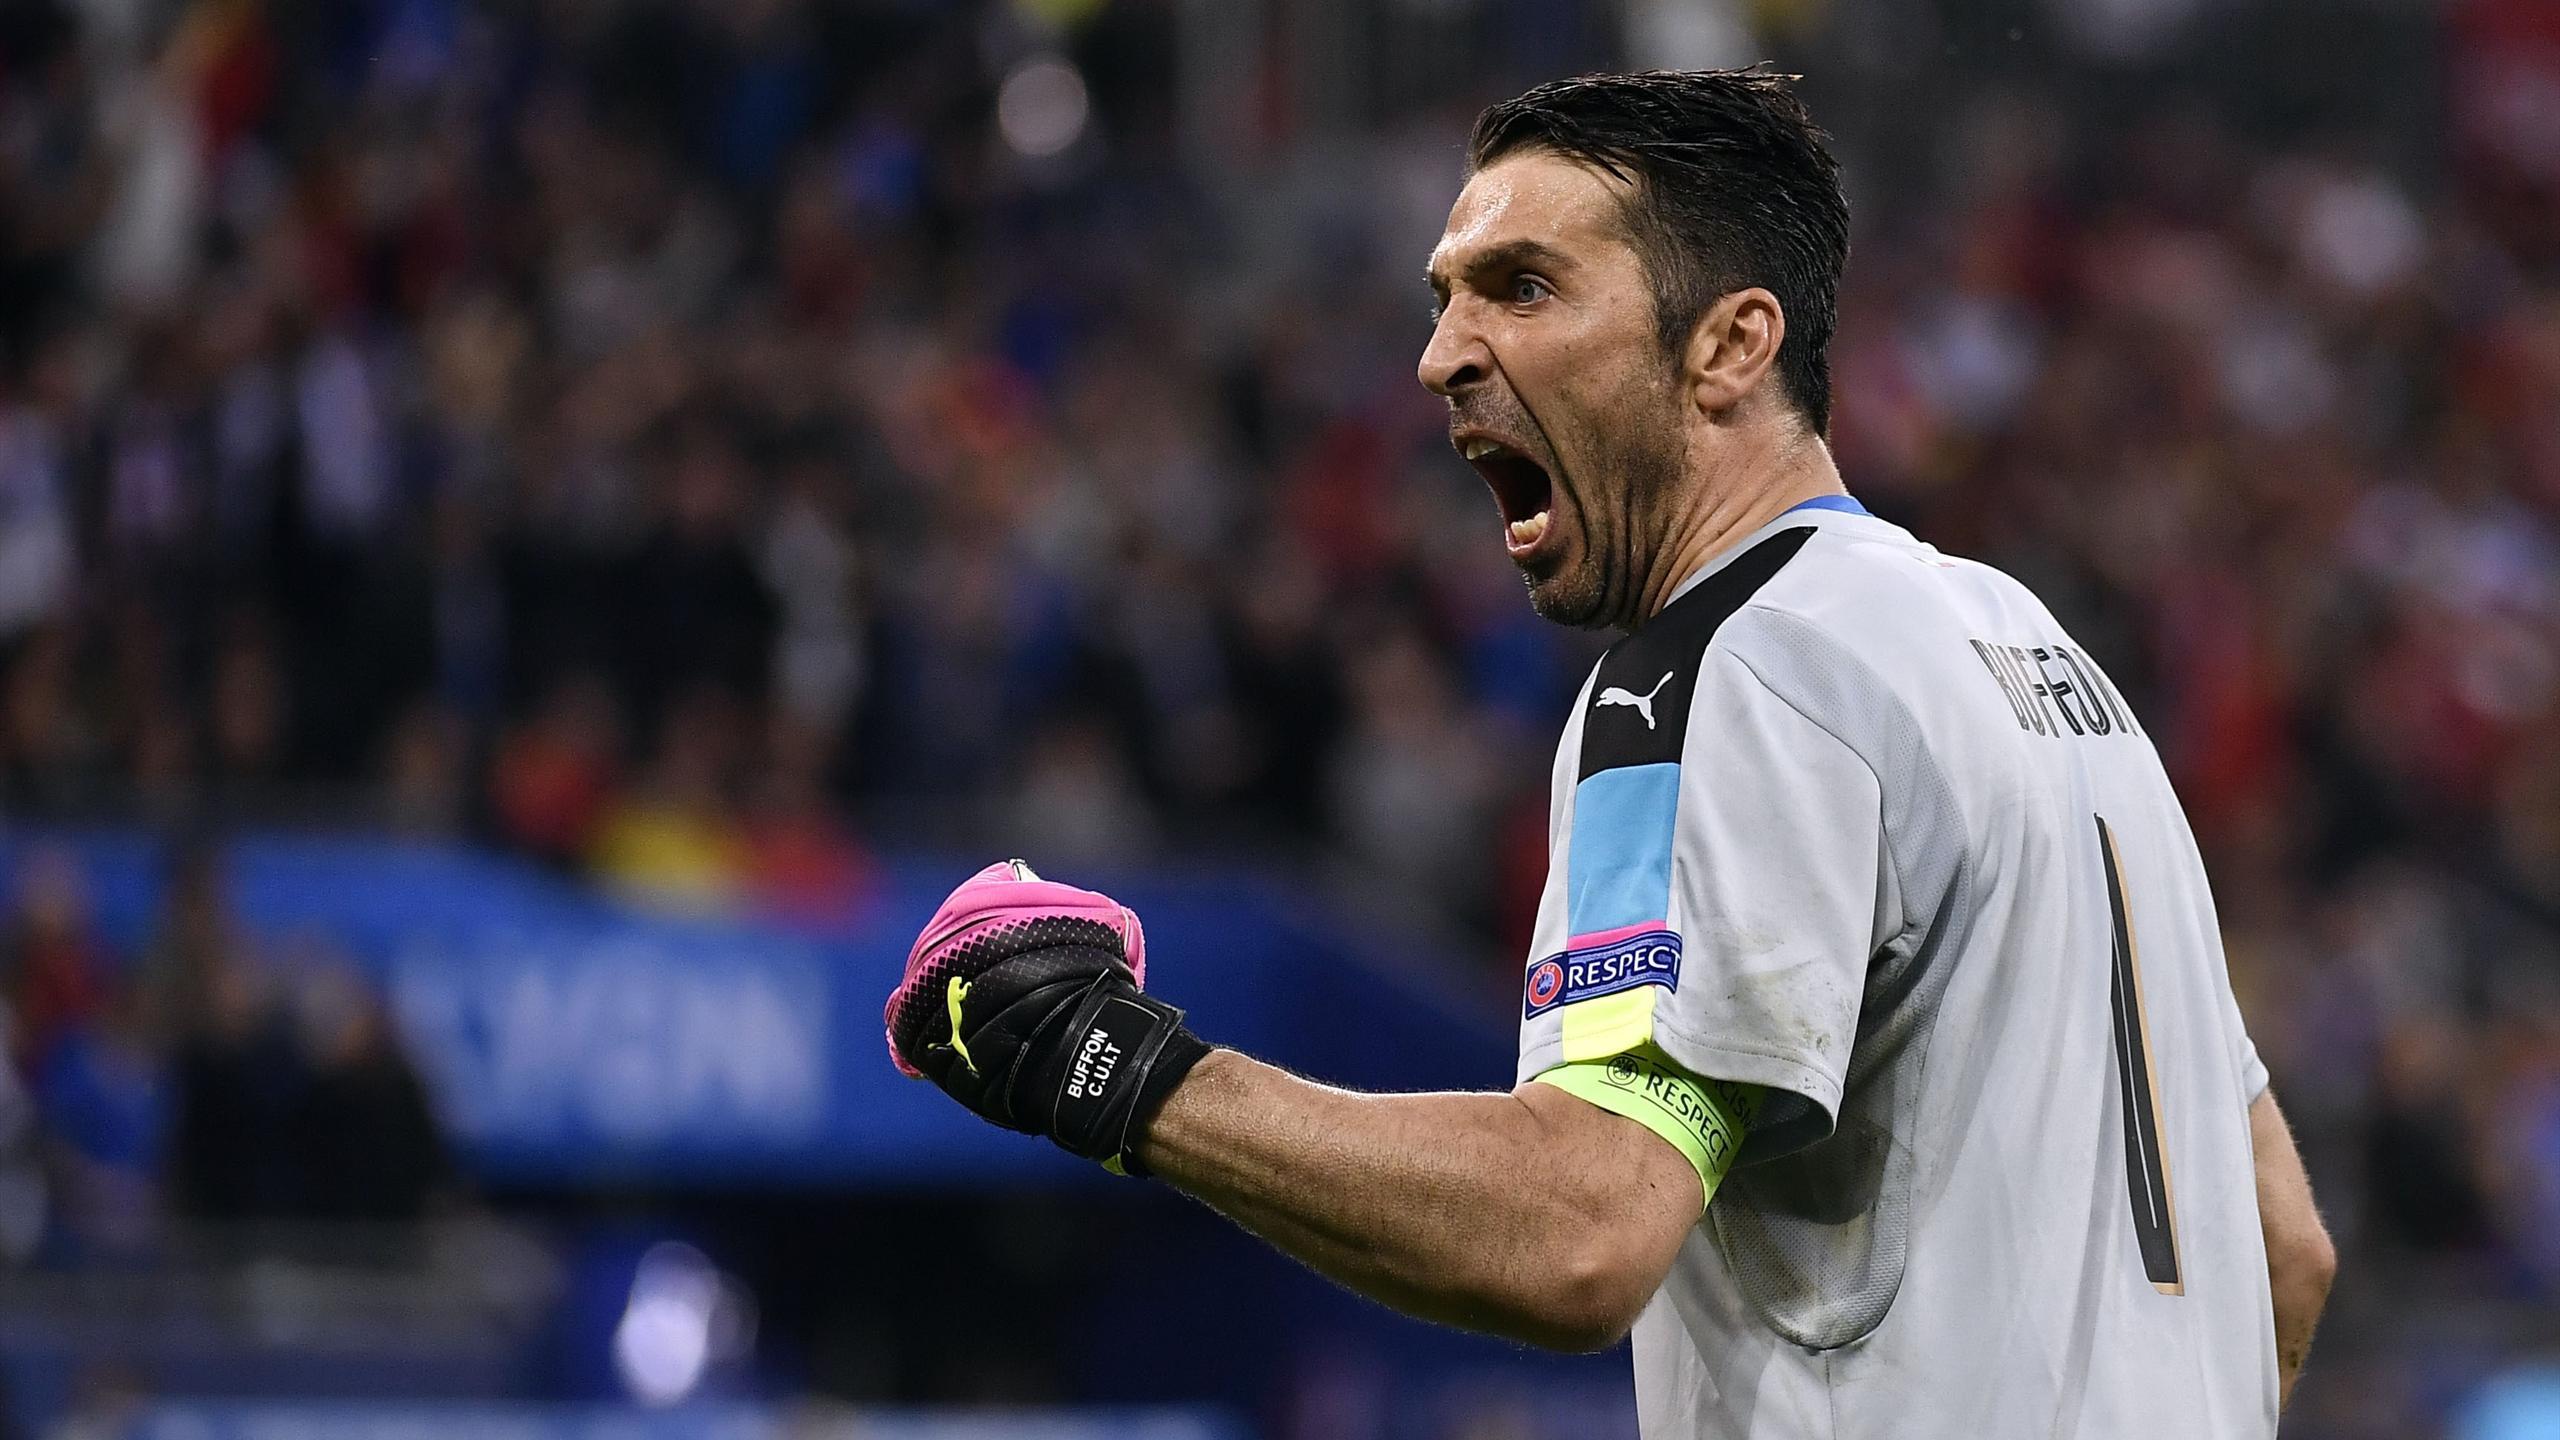 Euro 2016: Buffon Italy